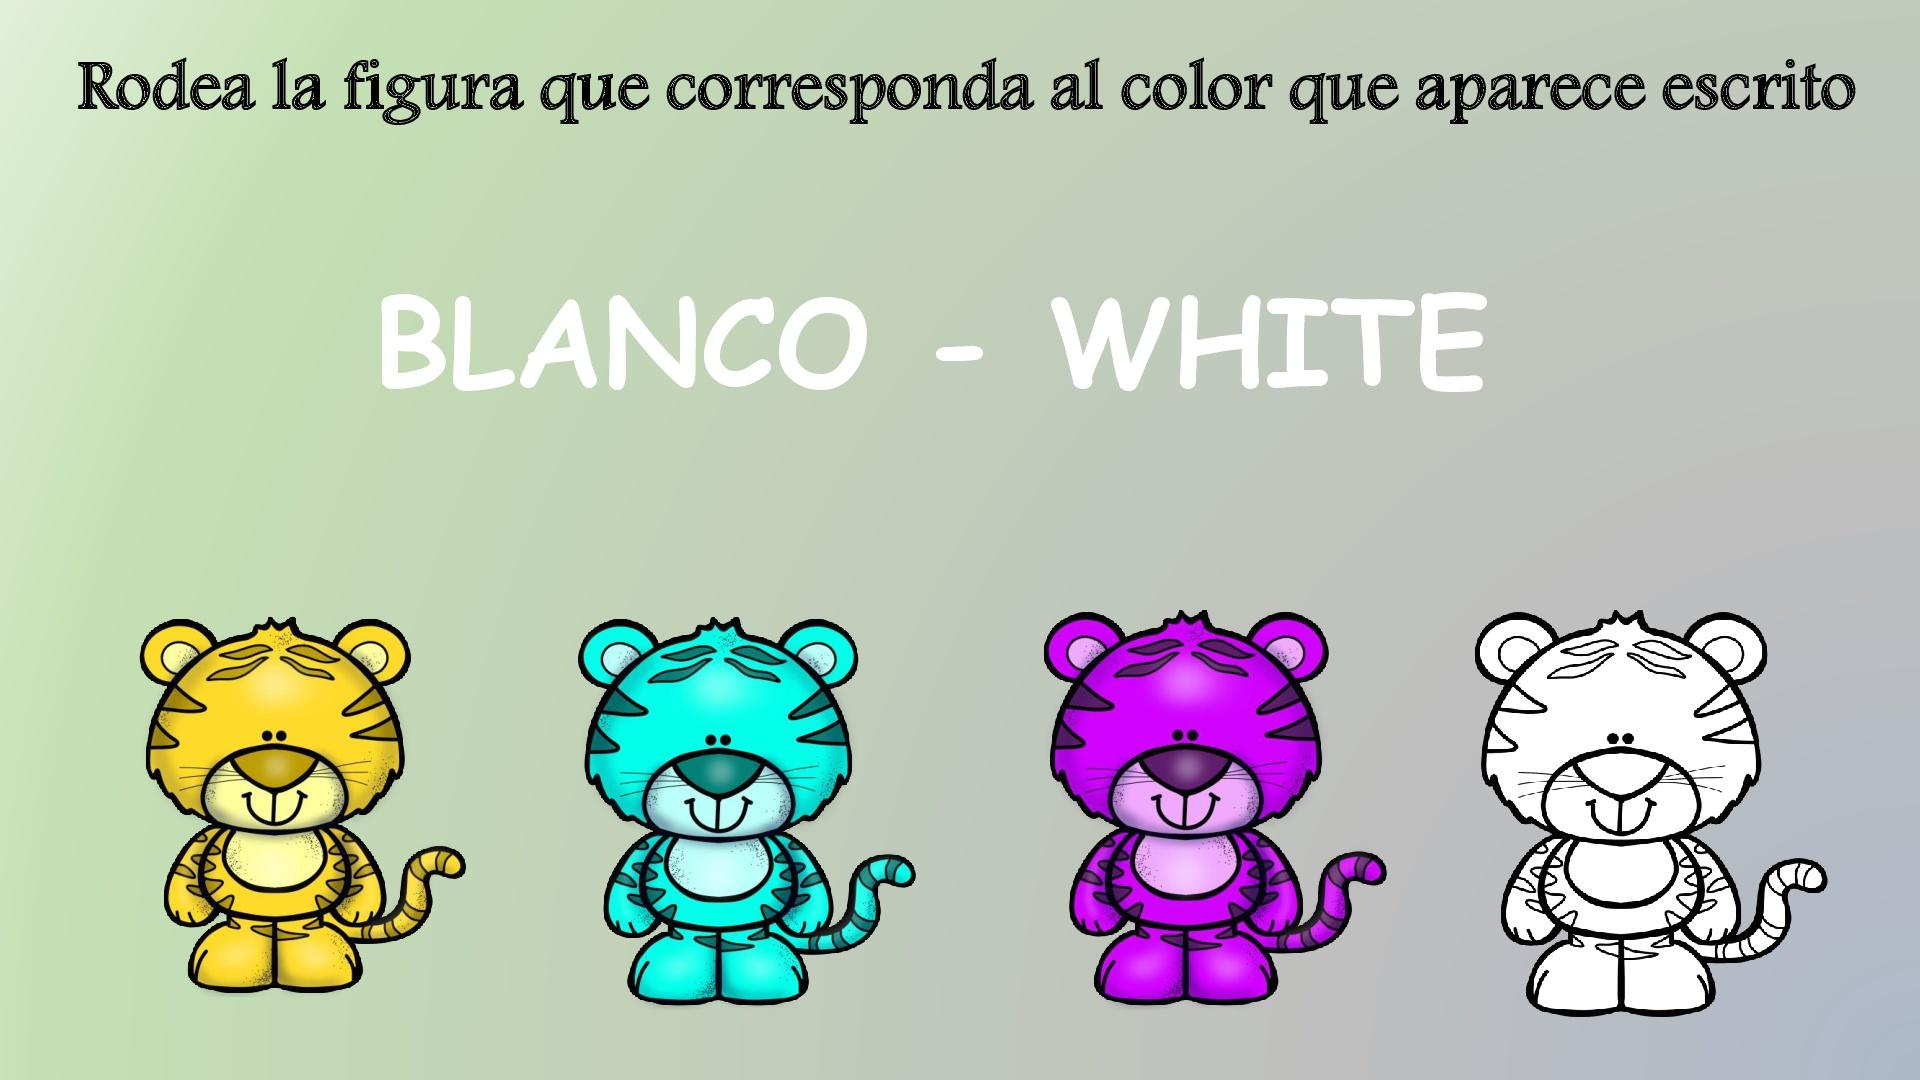 colores-ingles-y-espanol-004